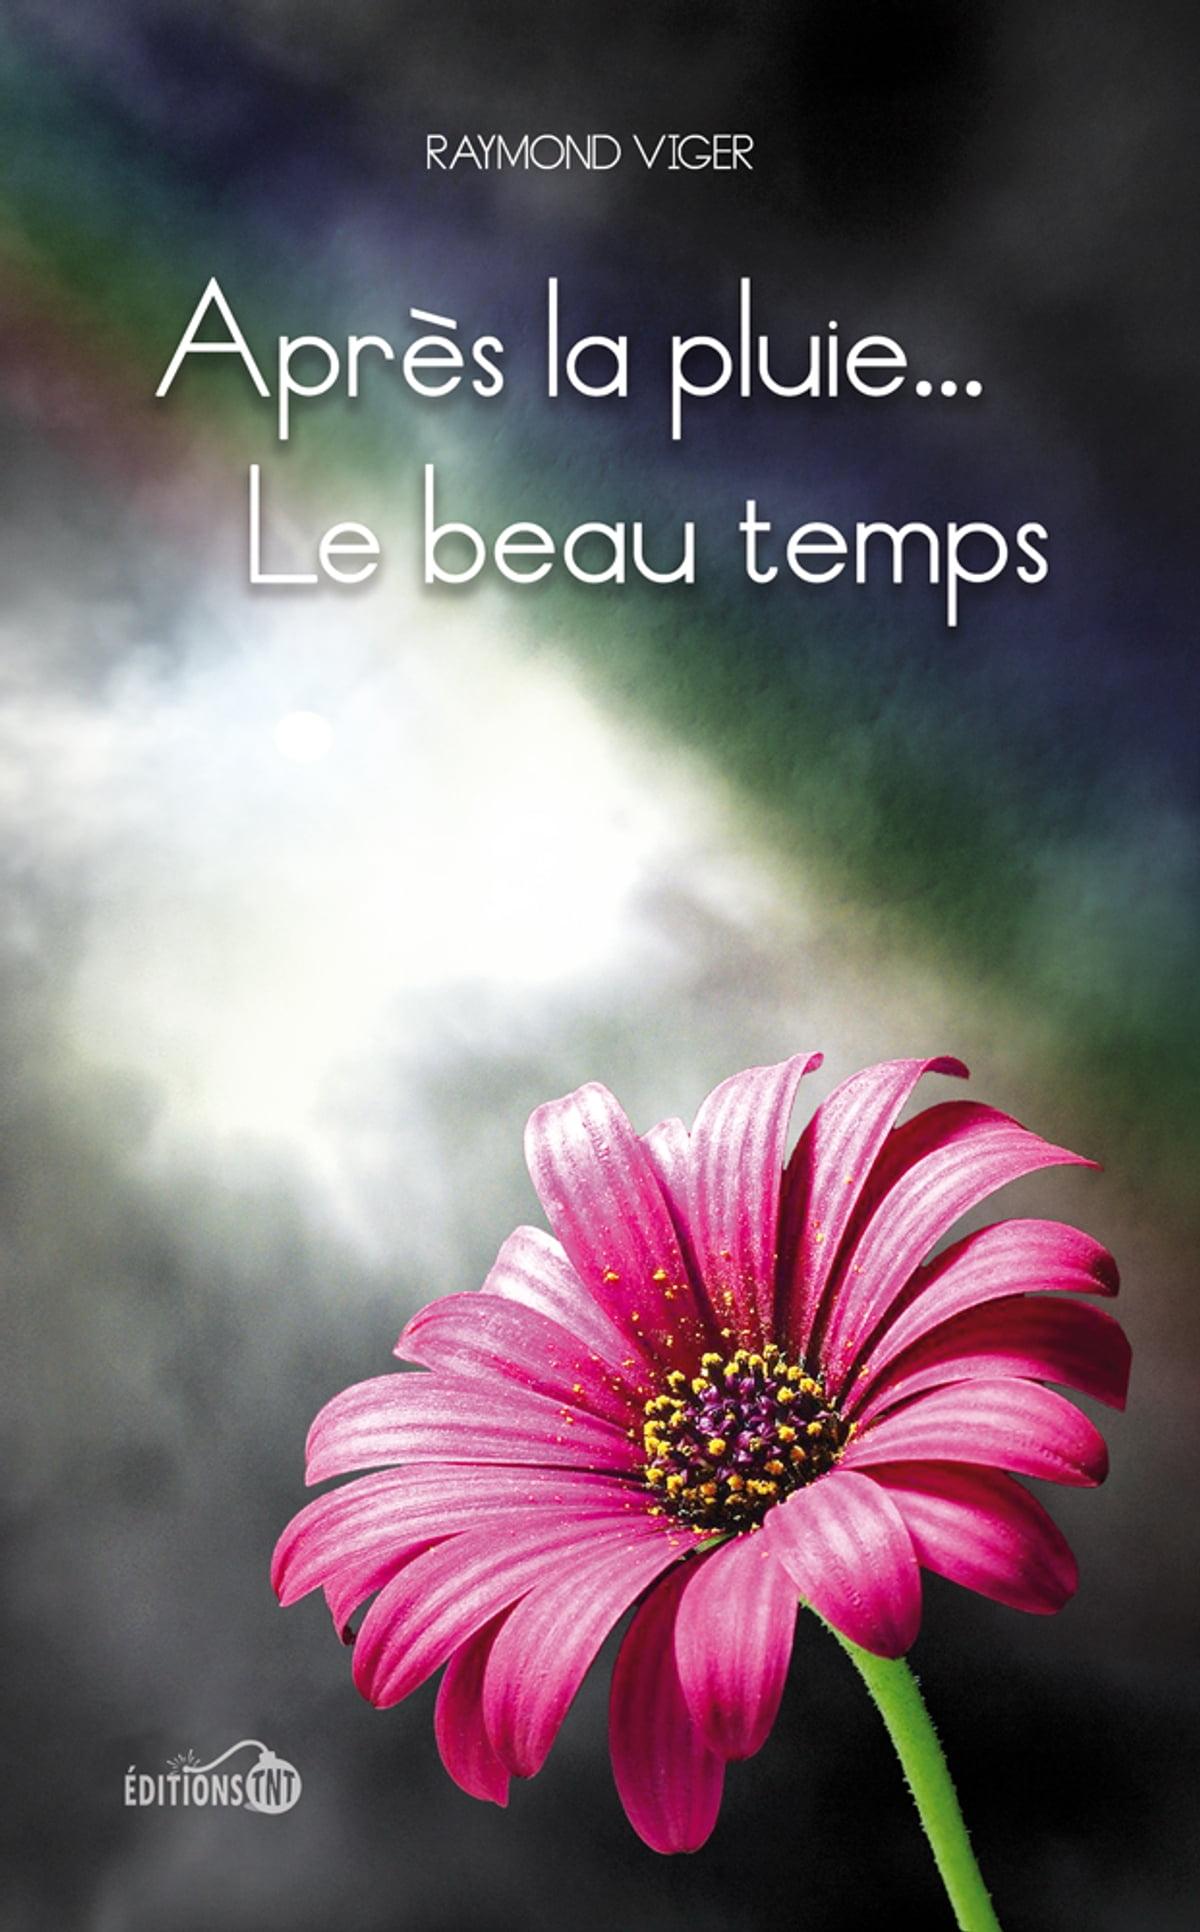 La Pluie Et Le Beau Temps : pluie, temps, Après, Pluie..., Temps, EBook, Raymond, Viger, 9782923375694, Rakuten, United, States